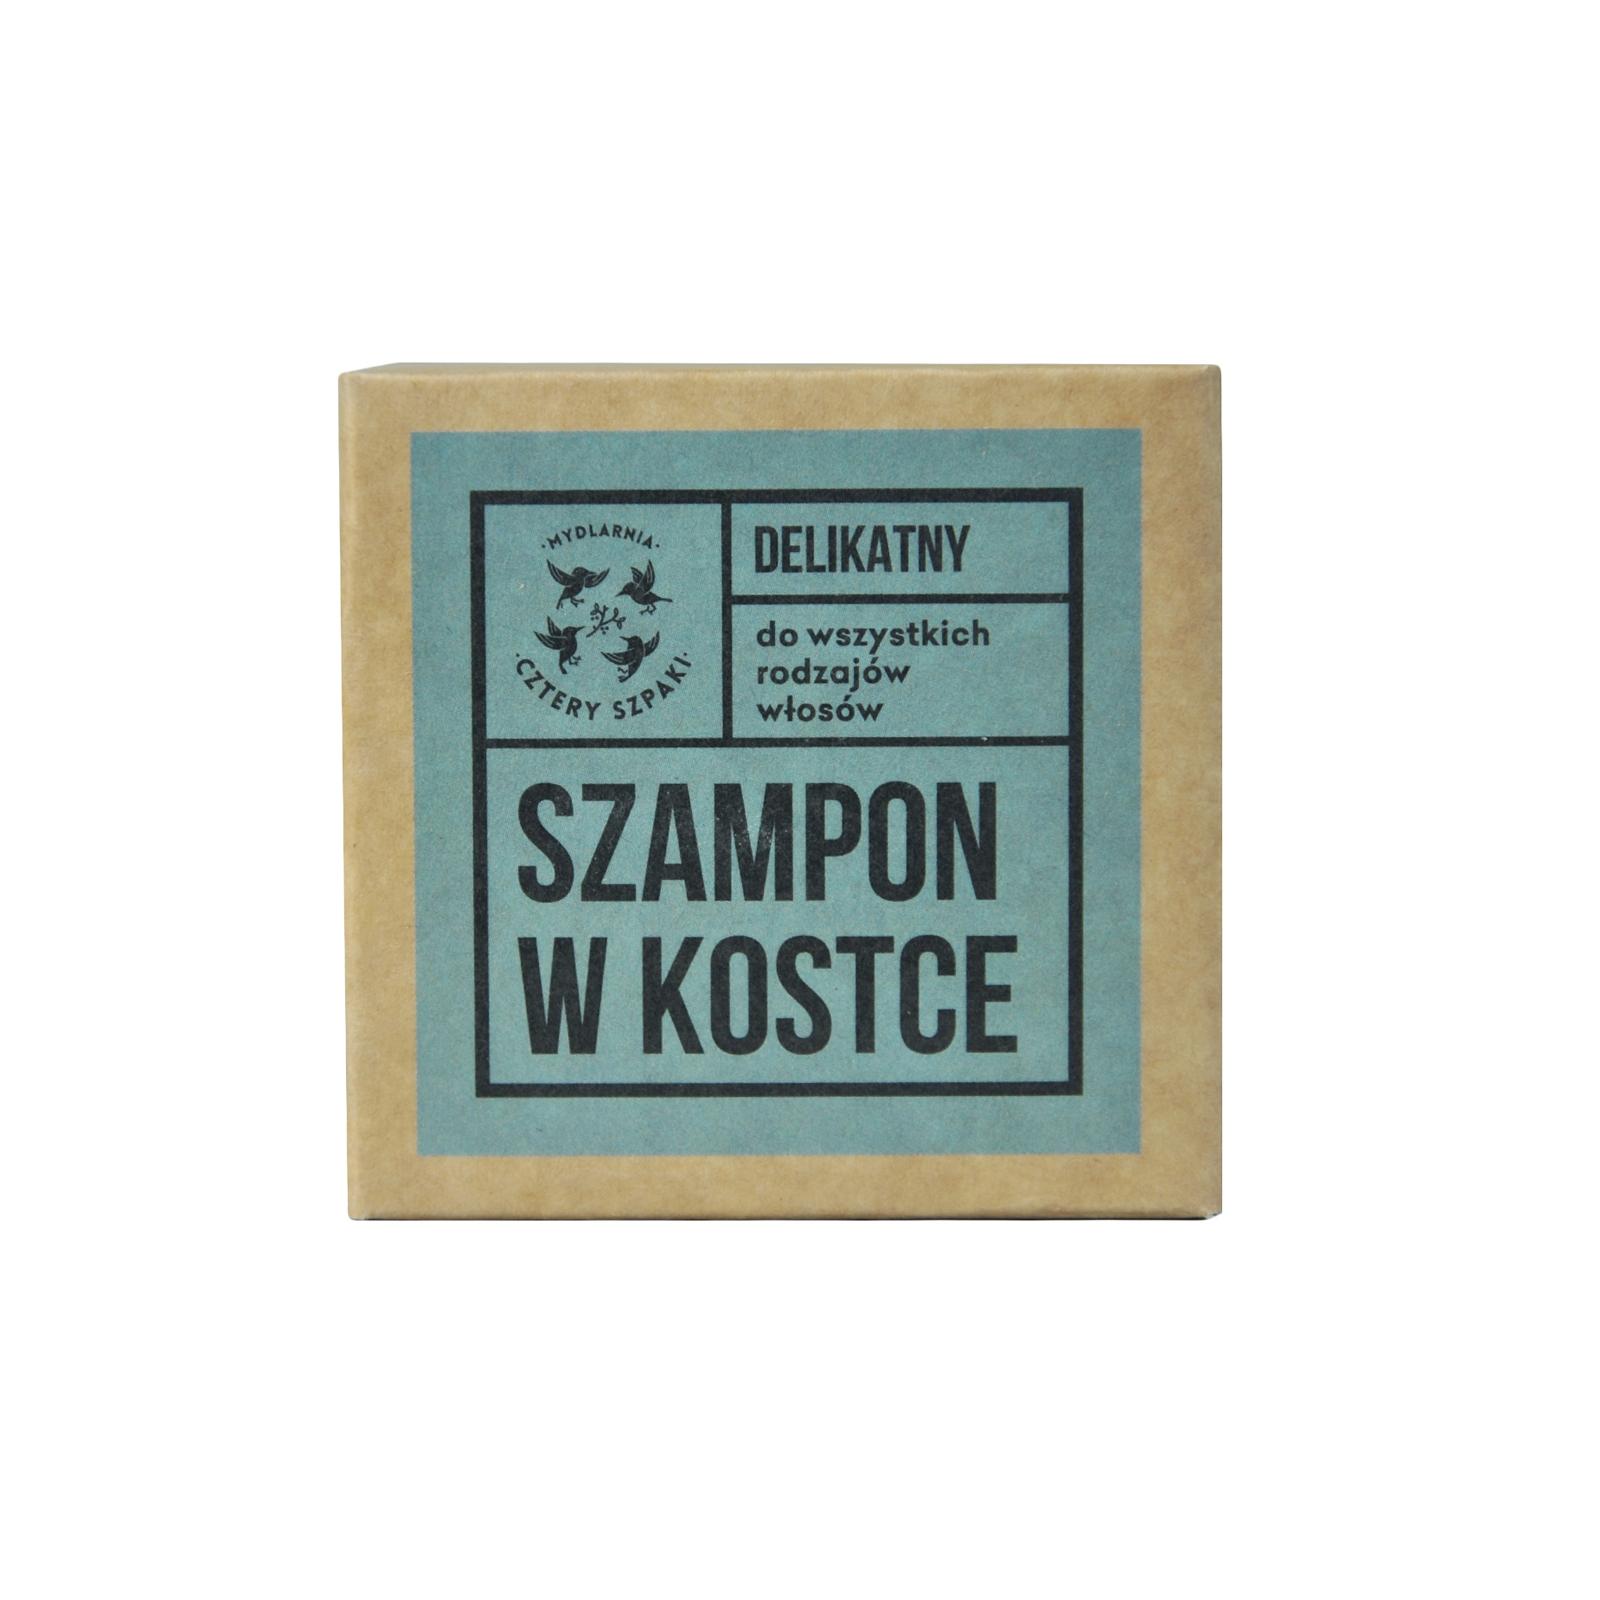 Image of 4 szpaki szampon w kostce - delikatny 75g